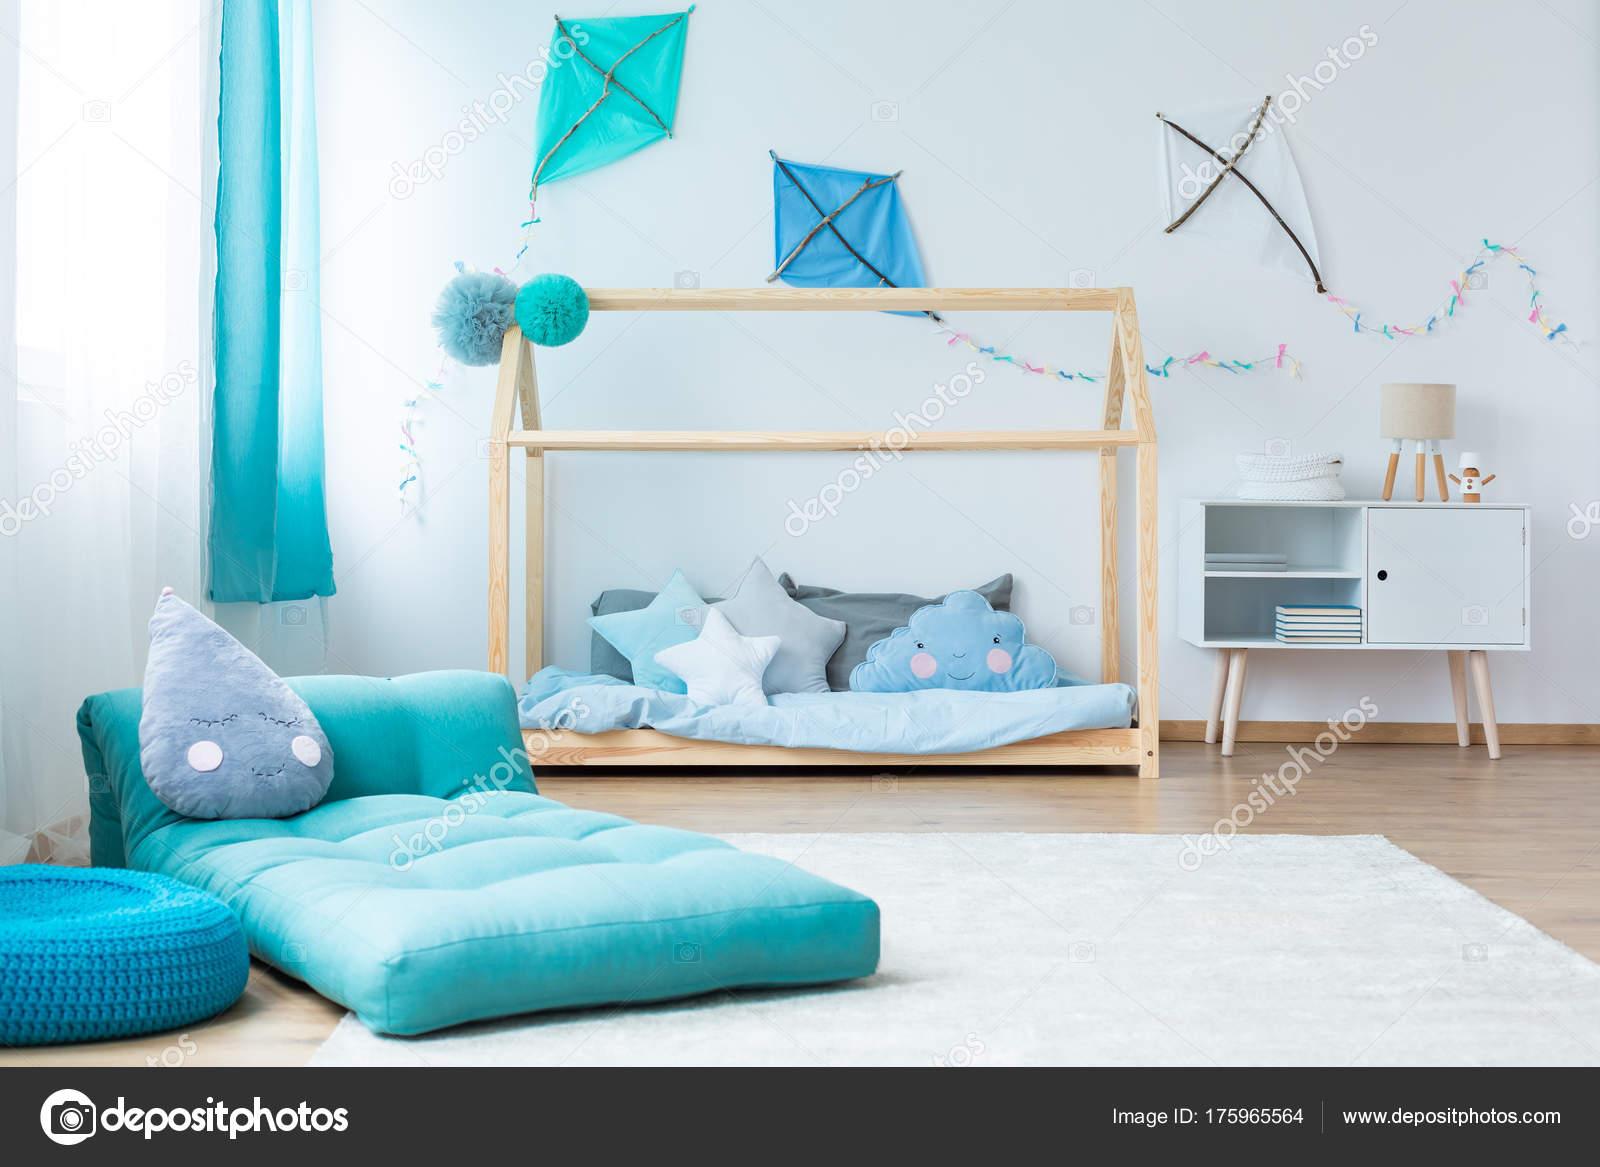 blauwe matras op witte tapijt in blauw kind slaapkamer met diy vliegers op de muur boven de kast en bed foto van photographeeeu